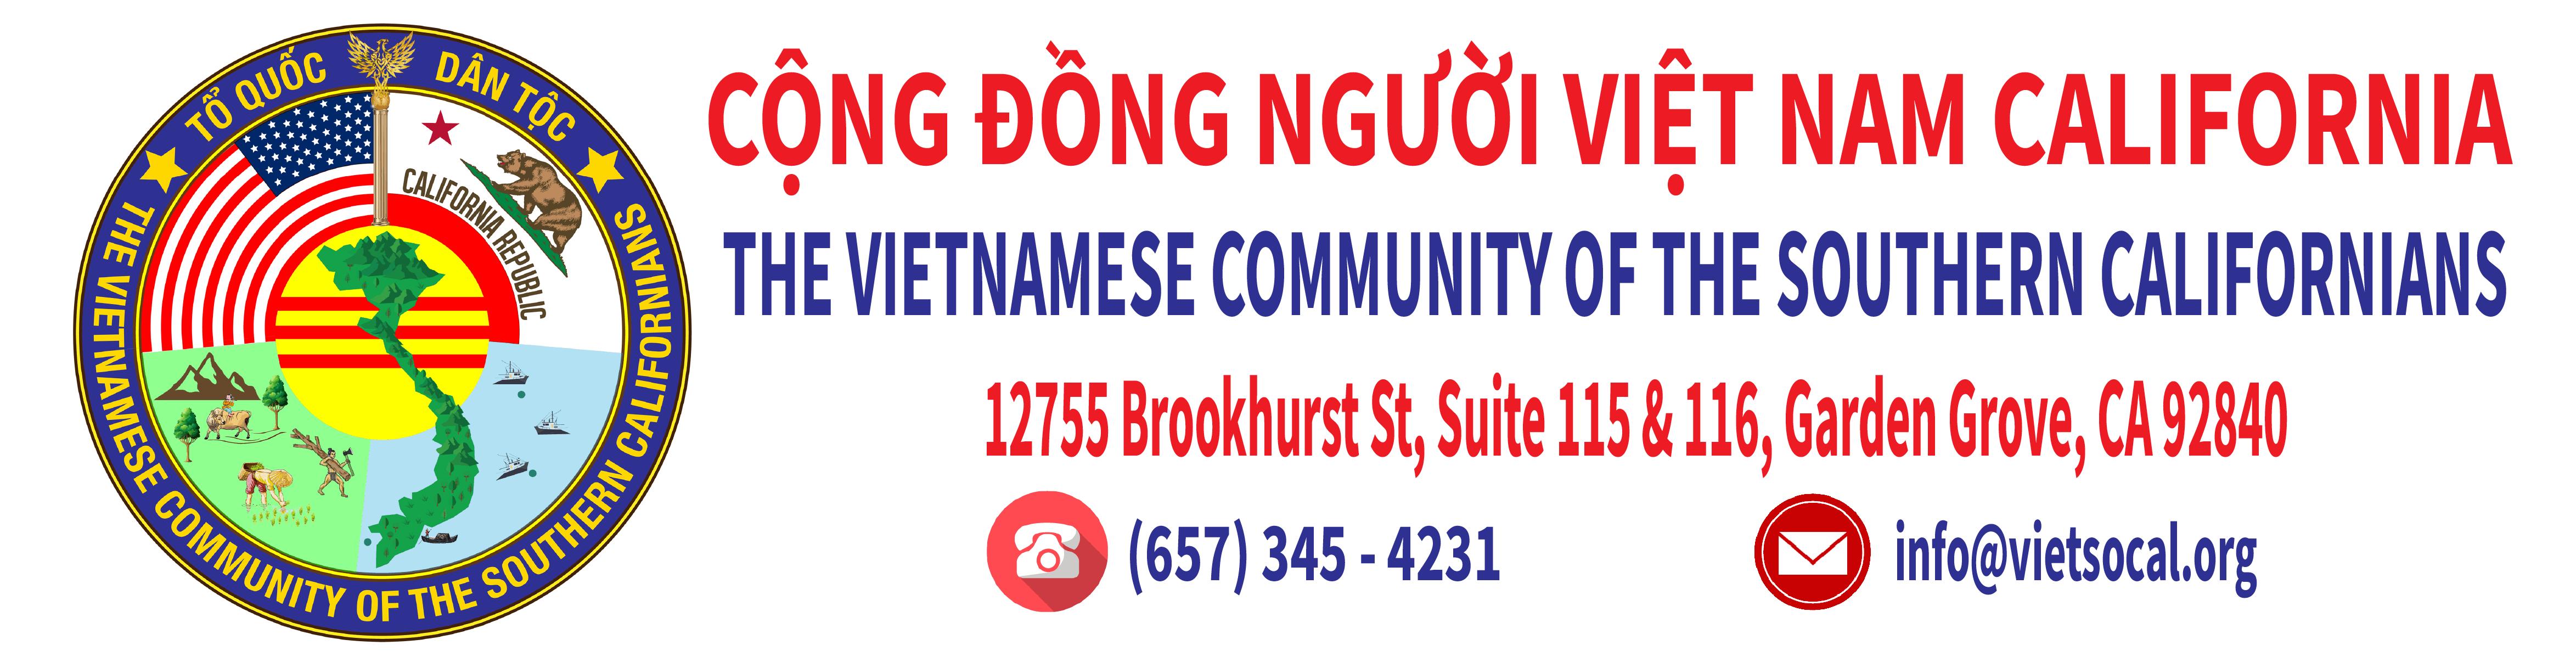 Cộng Đồng Người Việt Nam California